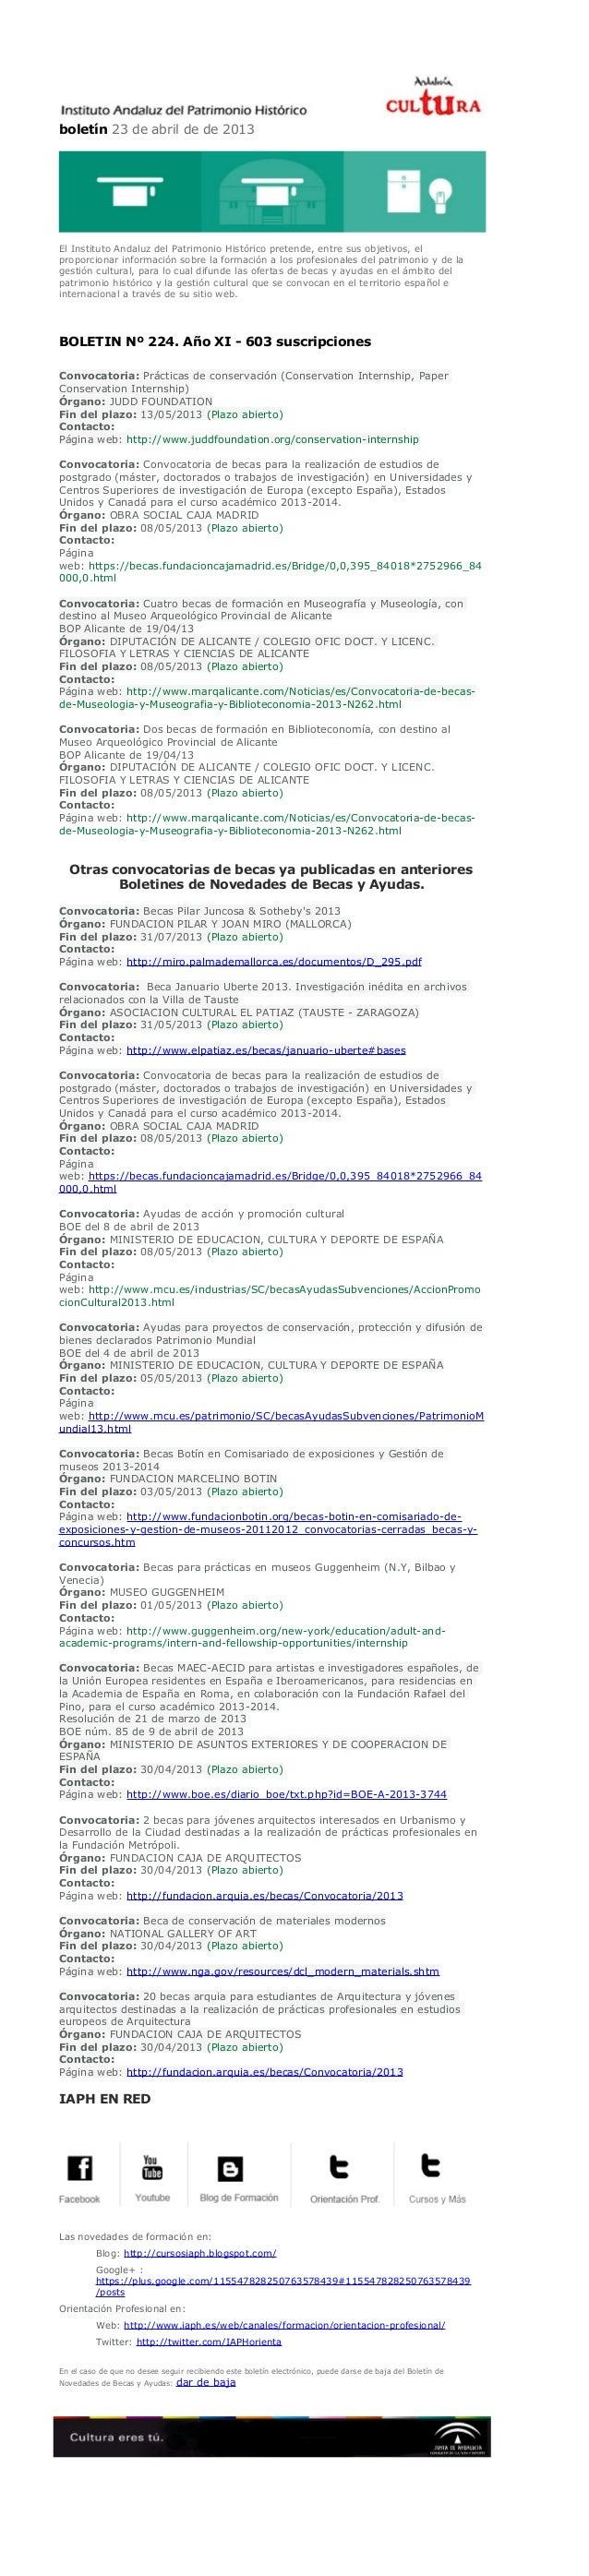 boletín 23 de abril de de 2013El Instituto Andaluz del Patrimonio Histórico pretende, entre sus objetivos, elproporcionar ...